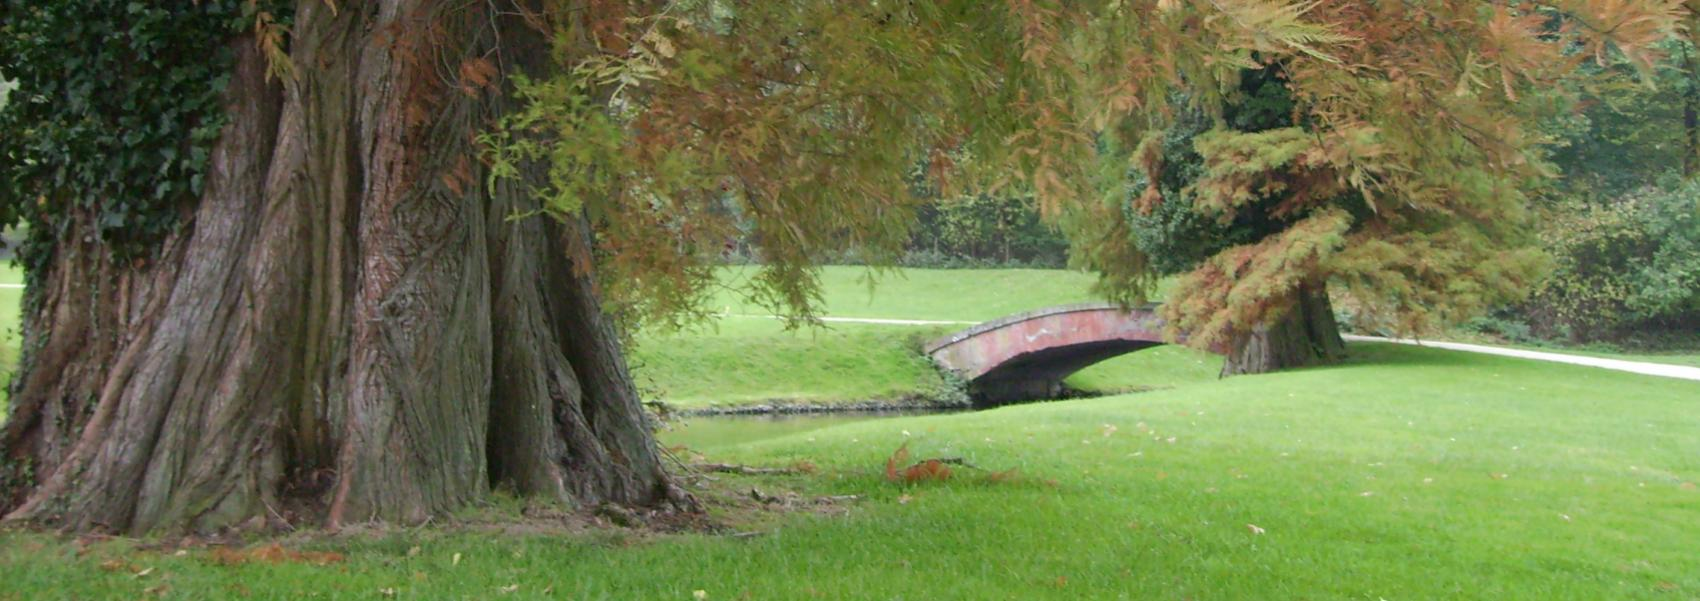 dikke boom in het landschap